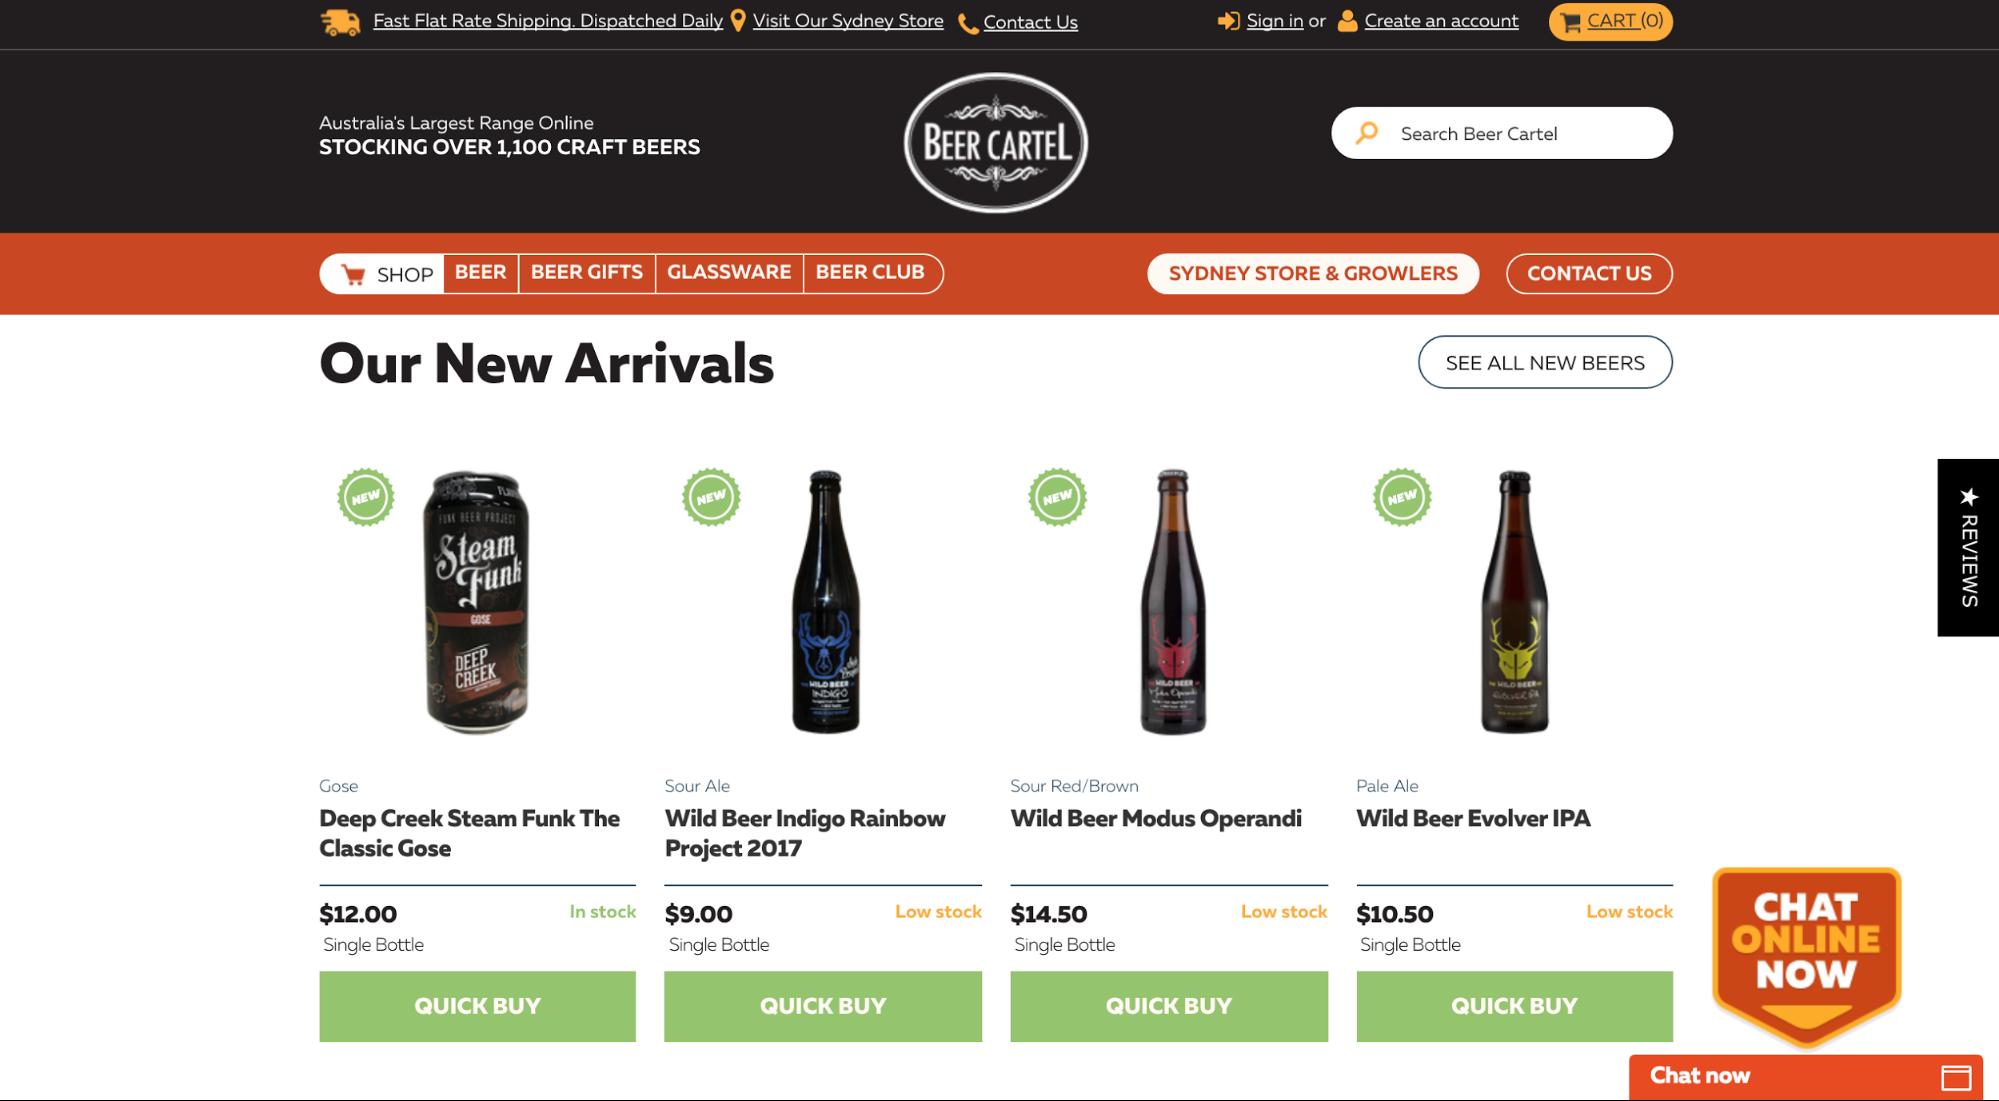 Screenshot showing new arrivals on an online liquor store